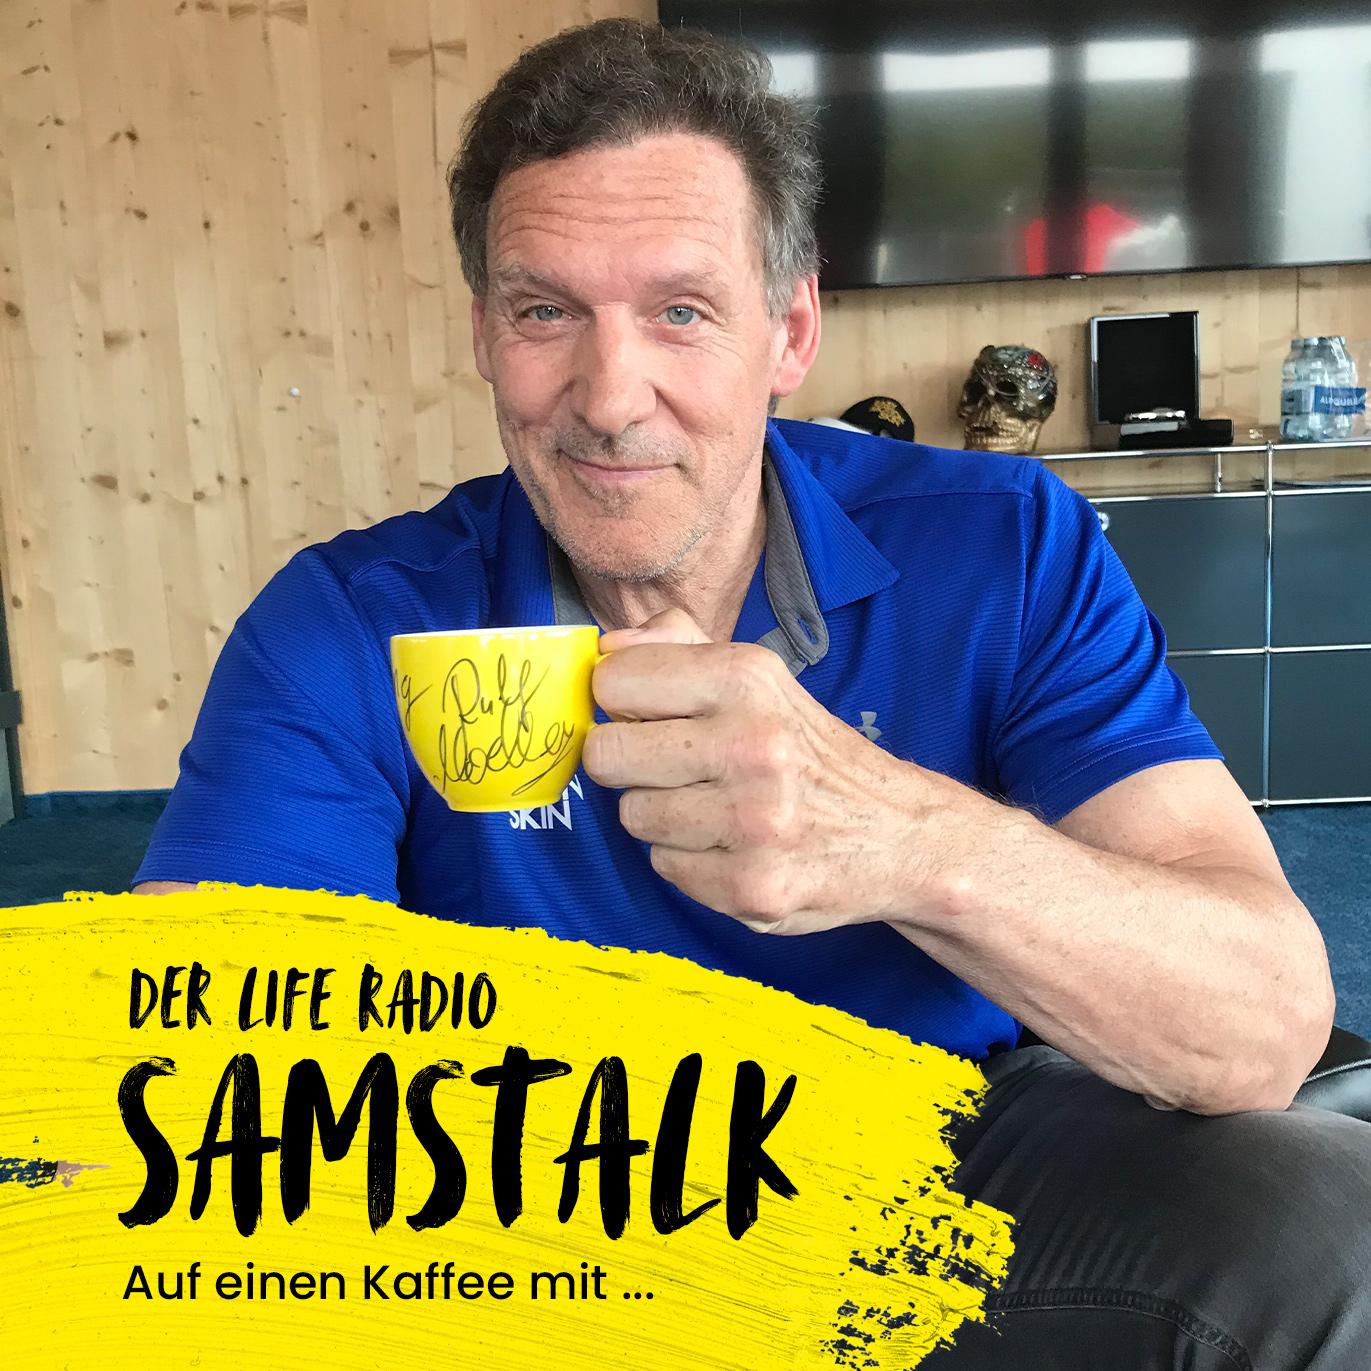 Auf einen Kaffee mit dem Schauspieler Ralf Moeller